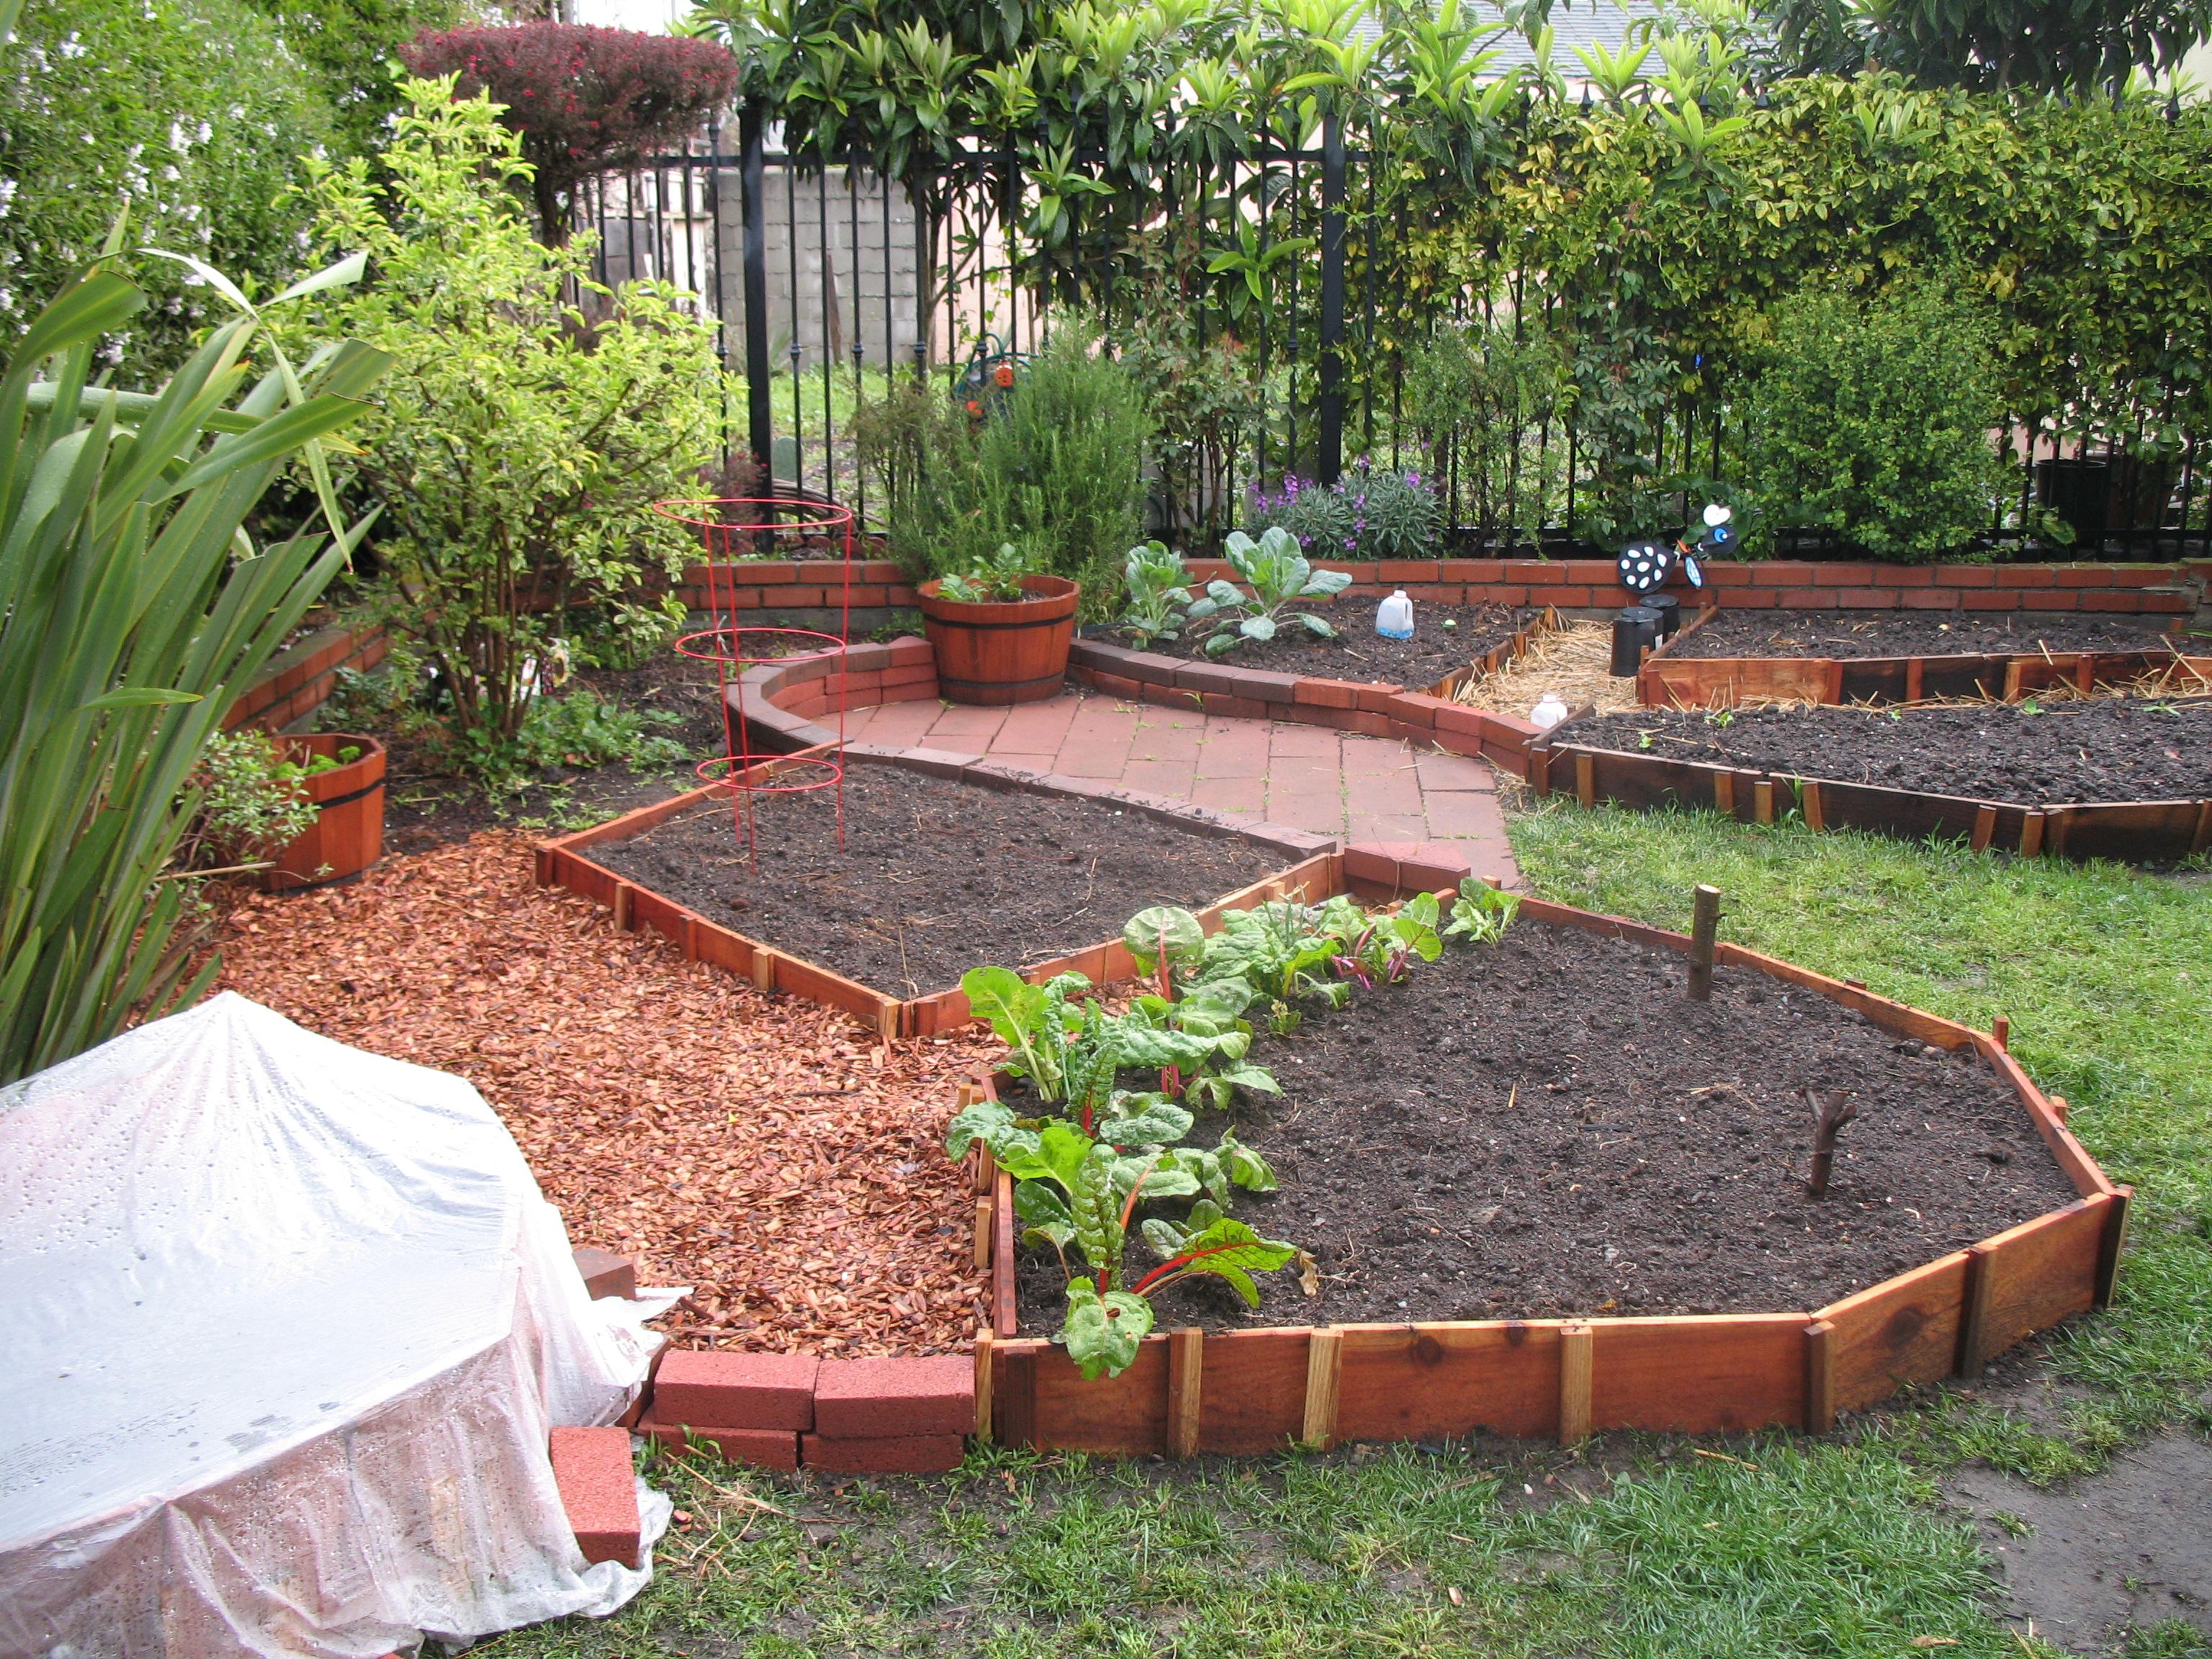 vegetable garden design ideas backyard photo - 10